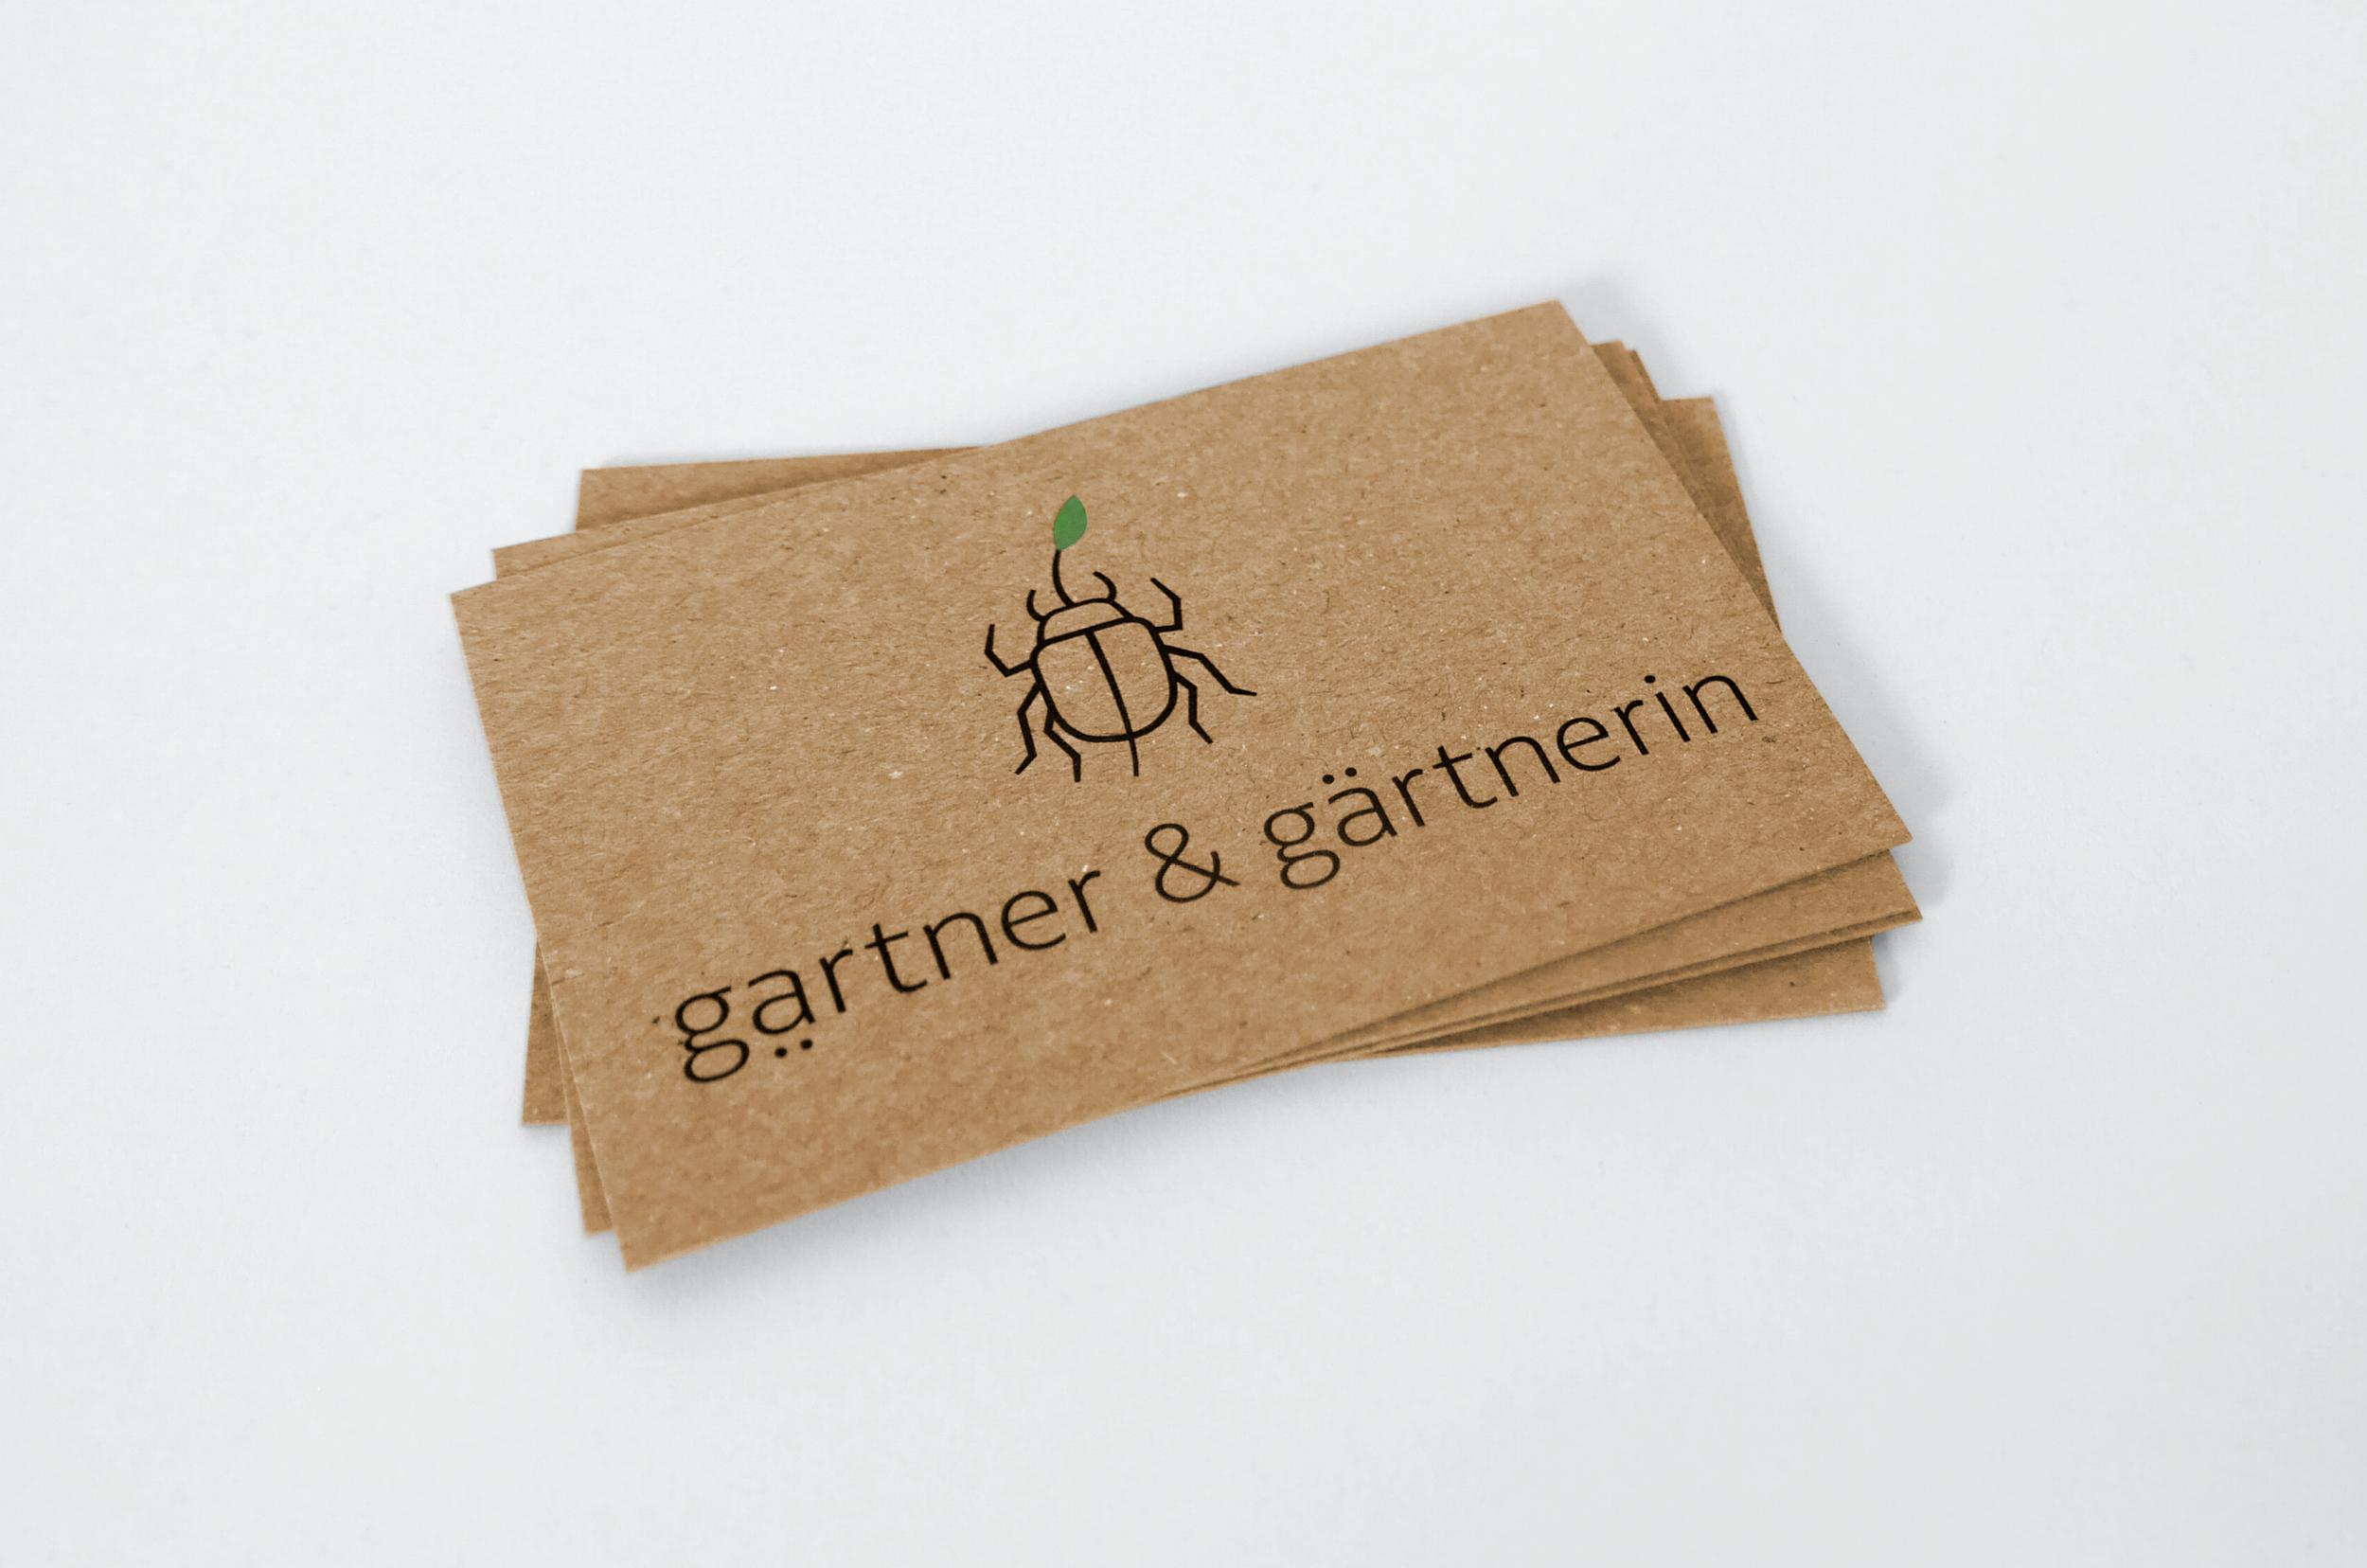 Gärtner & Gärtnerin